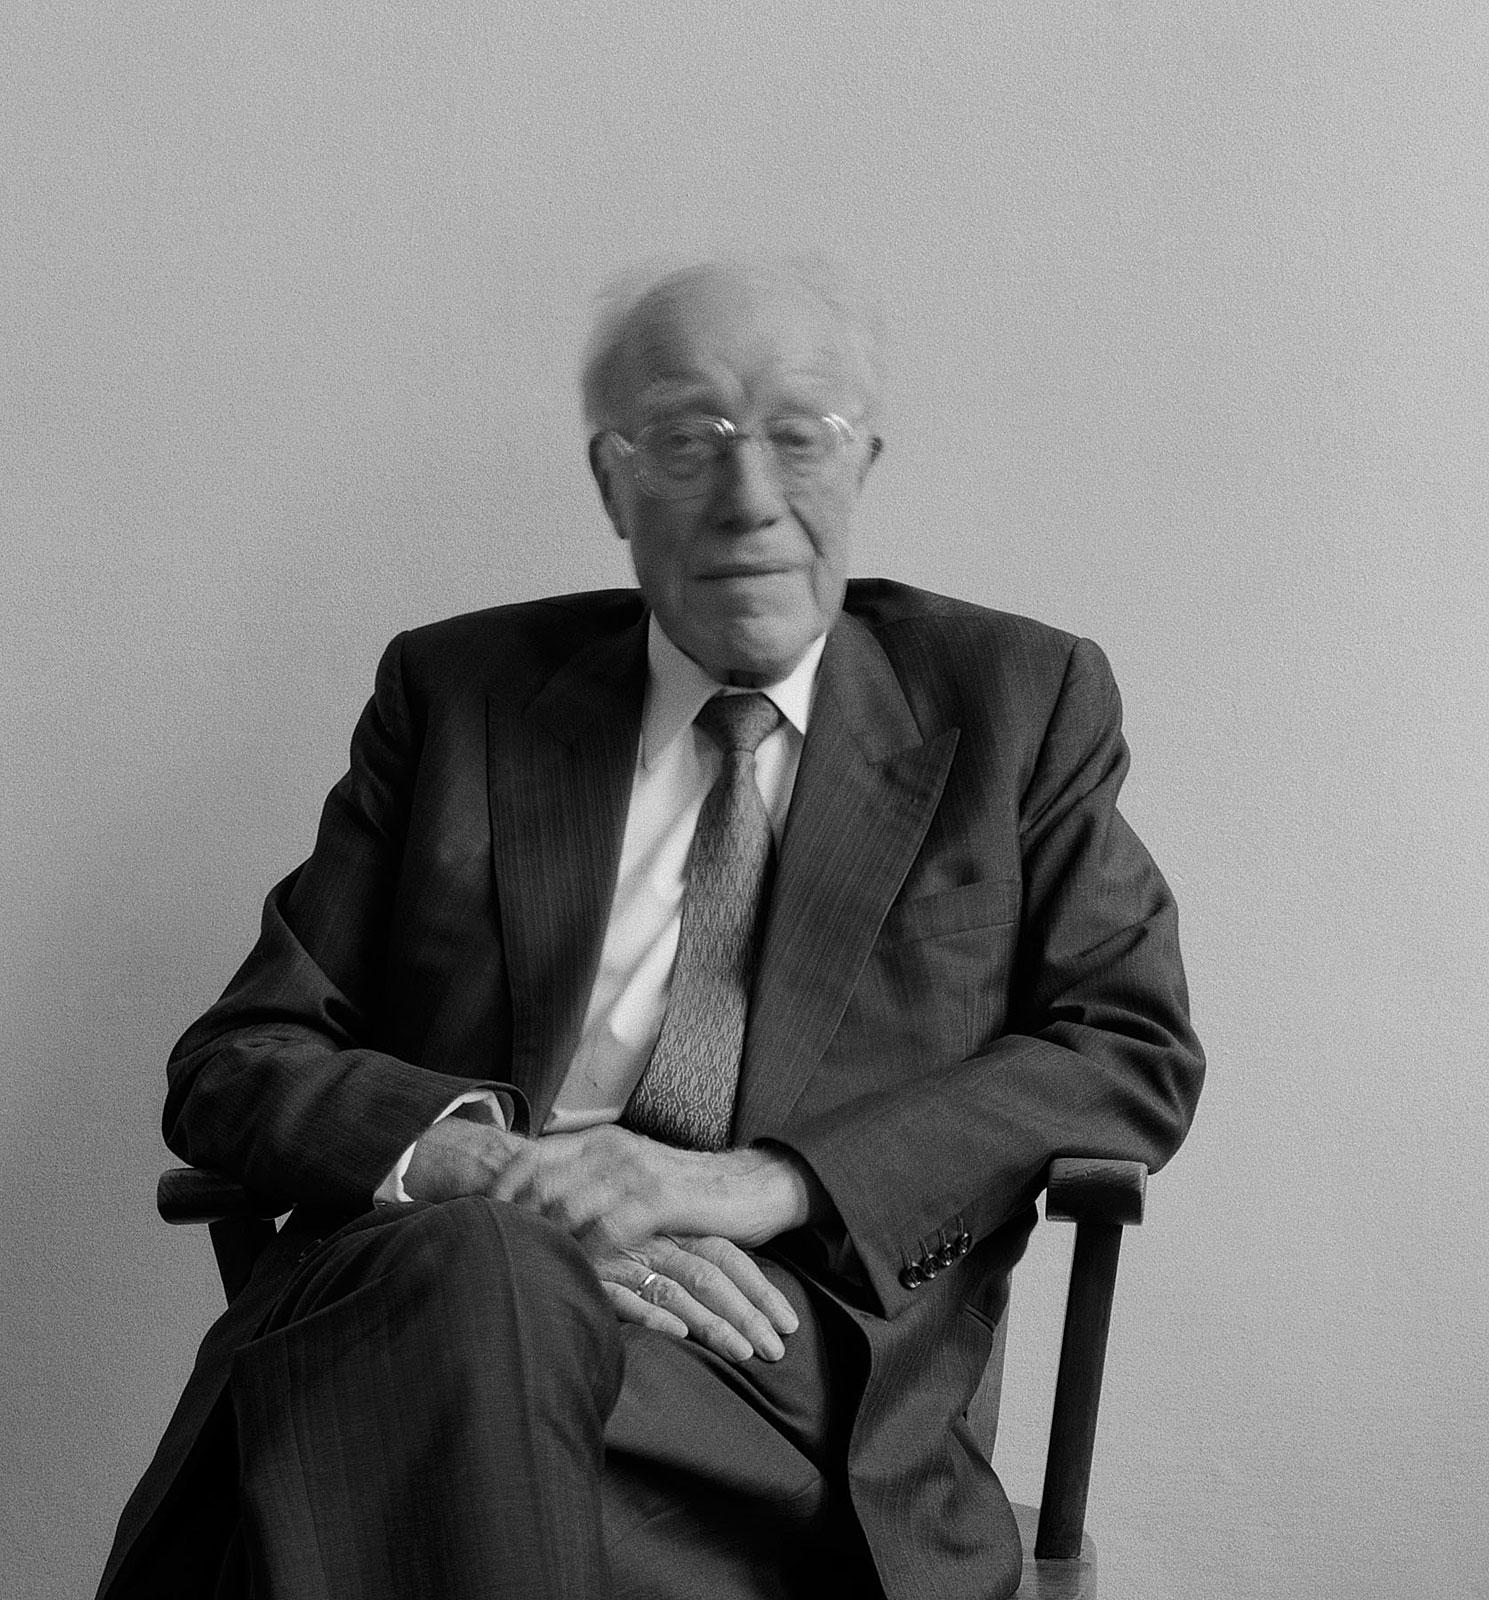 Heinz Maier-Leibnitz (11.35 - 11.40 Uhr, 24.3.1997)